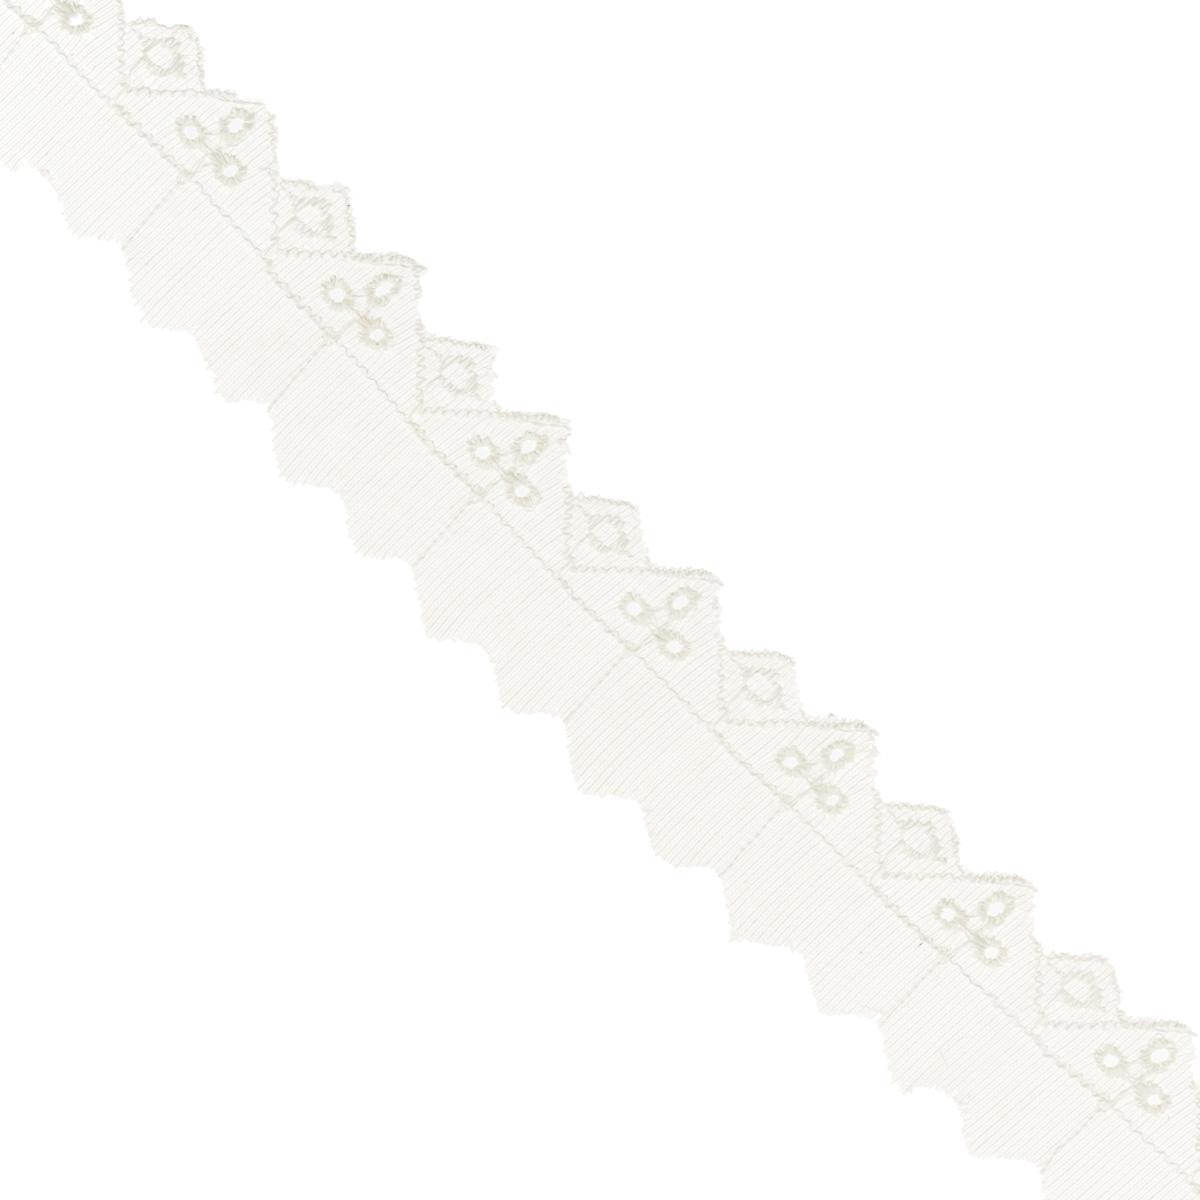 Тесьма отделочная Астра, цвет: слоновая кость, ширина 3 см, длина 9 м. 7704377C0038550Отделочная тесьма Астра, изготовленная из хлопка, предназначена для декорирования. Такая тесьма может создает эффект ручной работы на предмете одежды, что придаст ей неповторимость, сэкономив при этом ваше время на создание изделия. Также она идеально подойдет для оформления различных творческих работ таких, как скрапбукинг, аппликация, декор коробок и открыток и многое другое. Тесьма наивысшего качества практична в использовании. Она станет незаменимым элементом в создании рукотворного шедевра.Ширина: 3 см.Длина: 9 м.